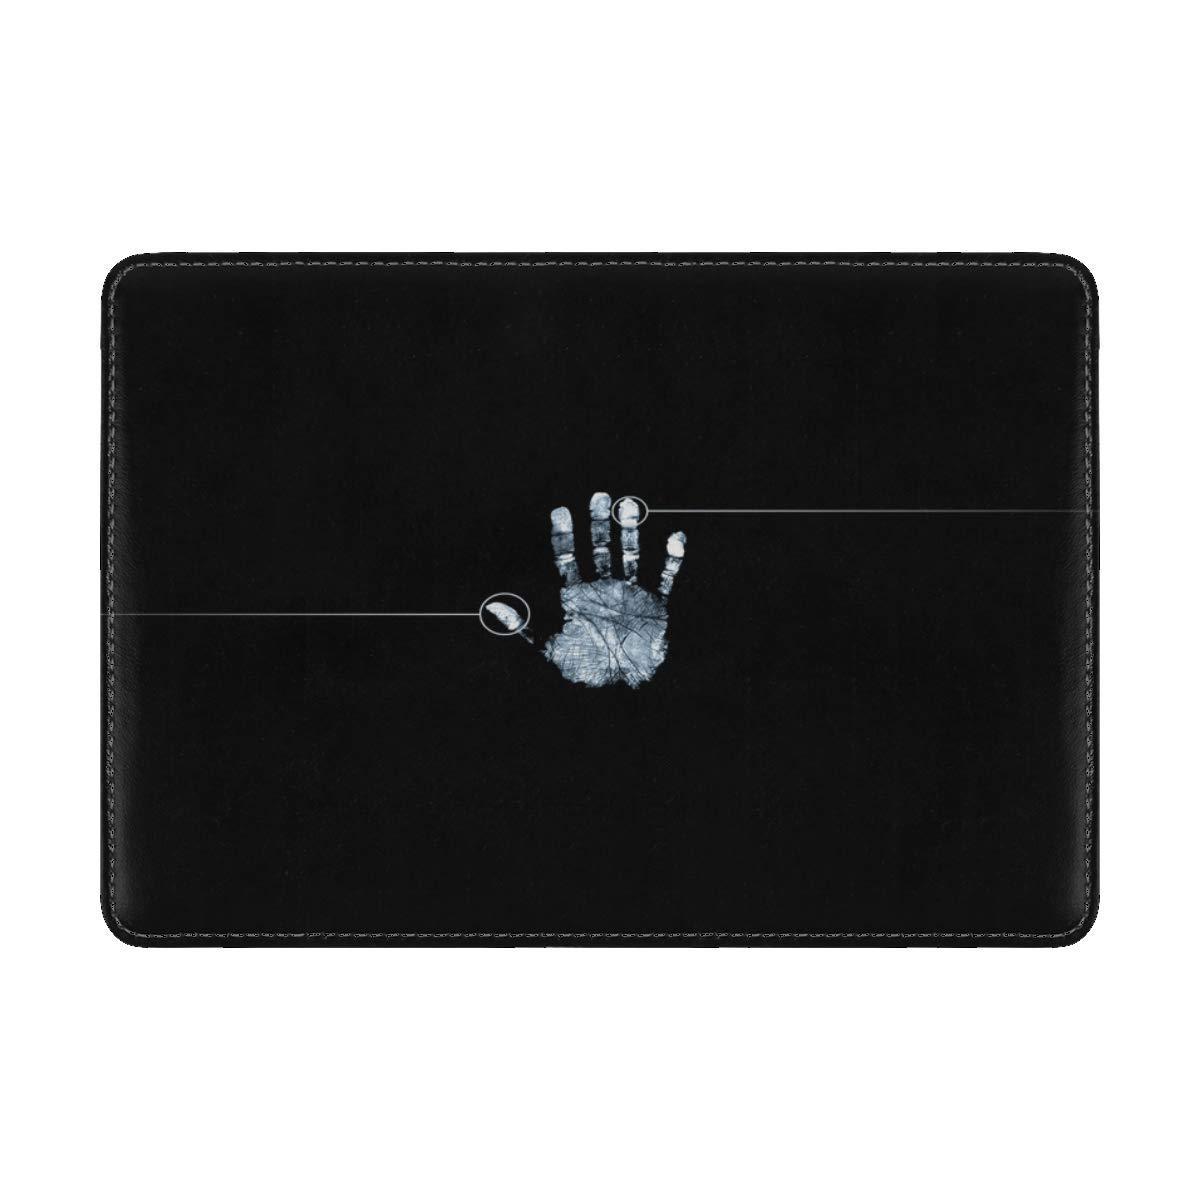 Fingerprint Hand Black White Leather Passport Holder Cover Case Travel One Pocket